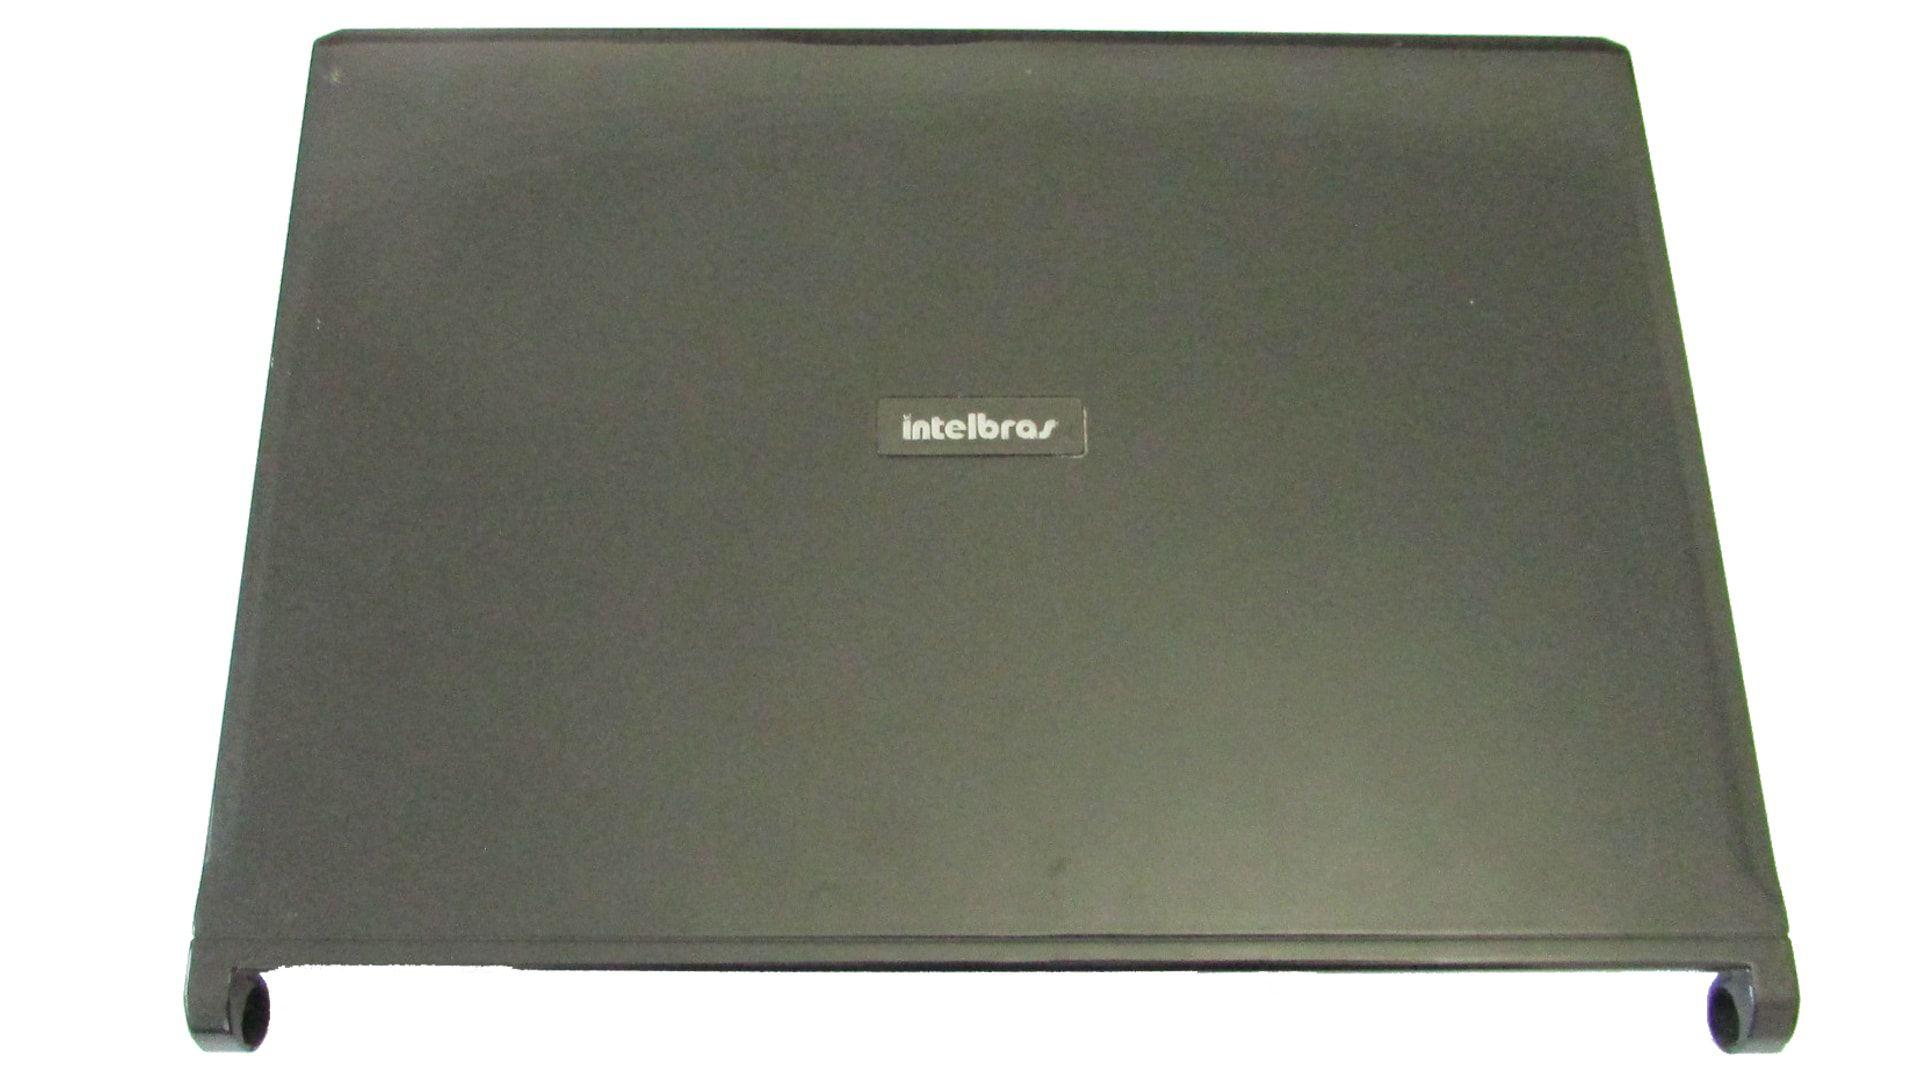 Carcaça Tampa Tela Notebook Intelbras I511 I510 I513 83GS40051-10 Semi Novo